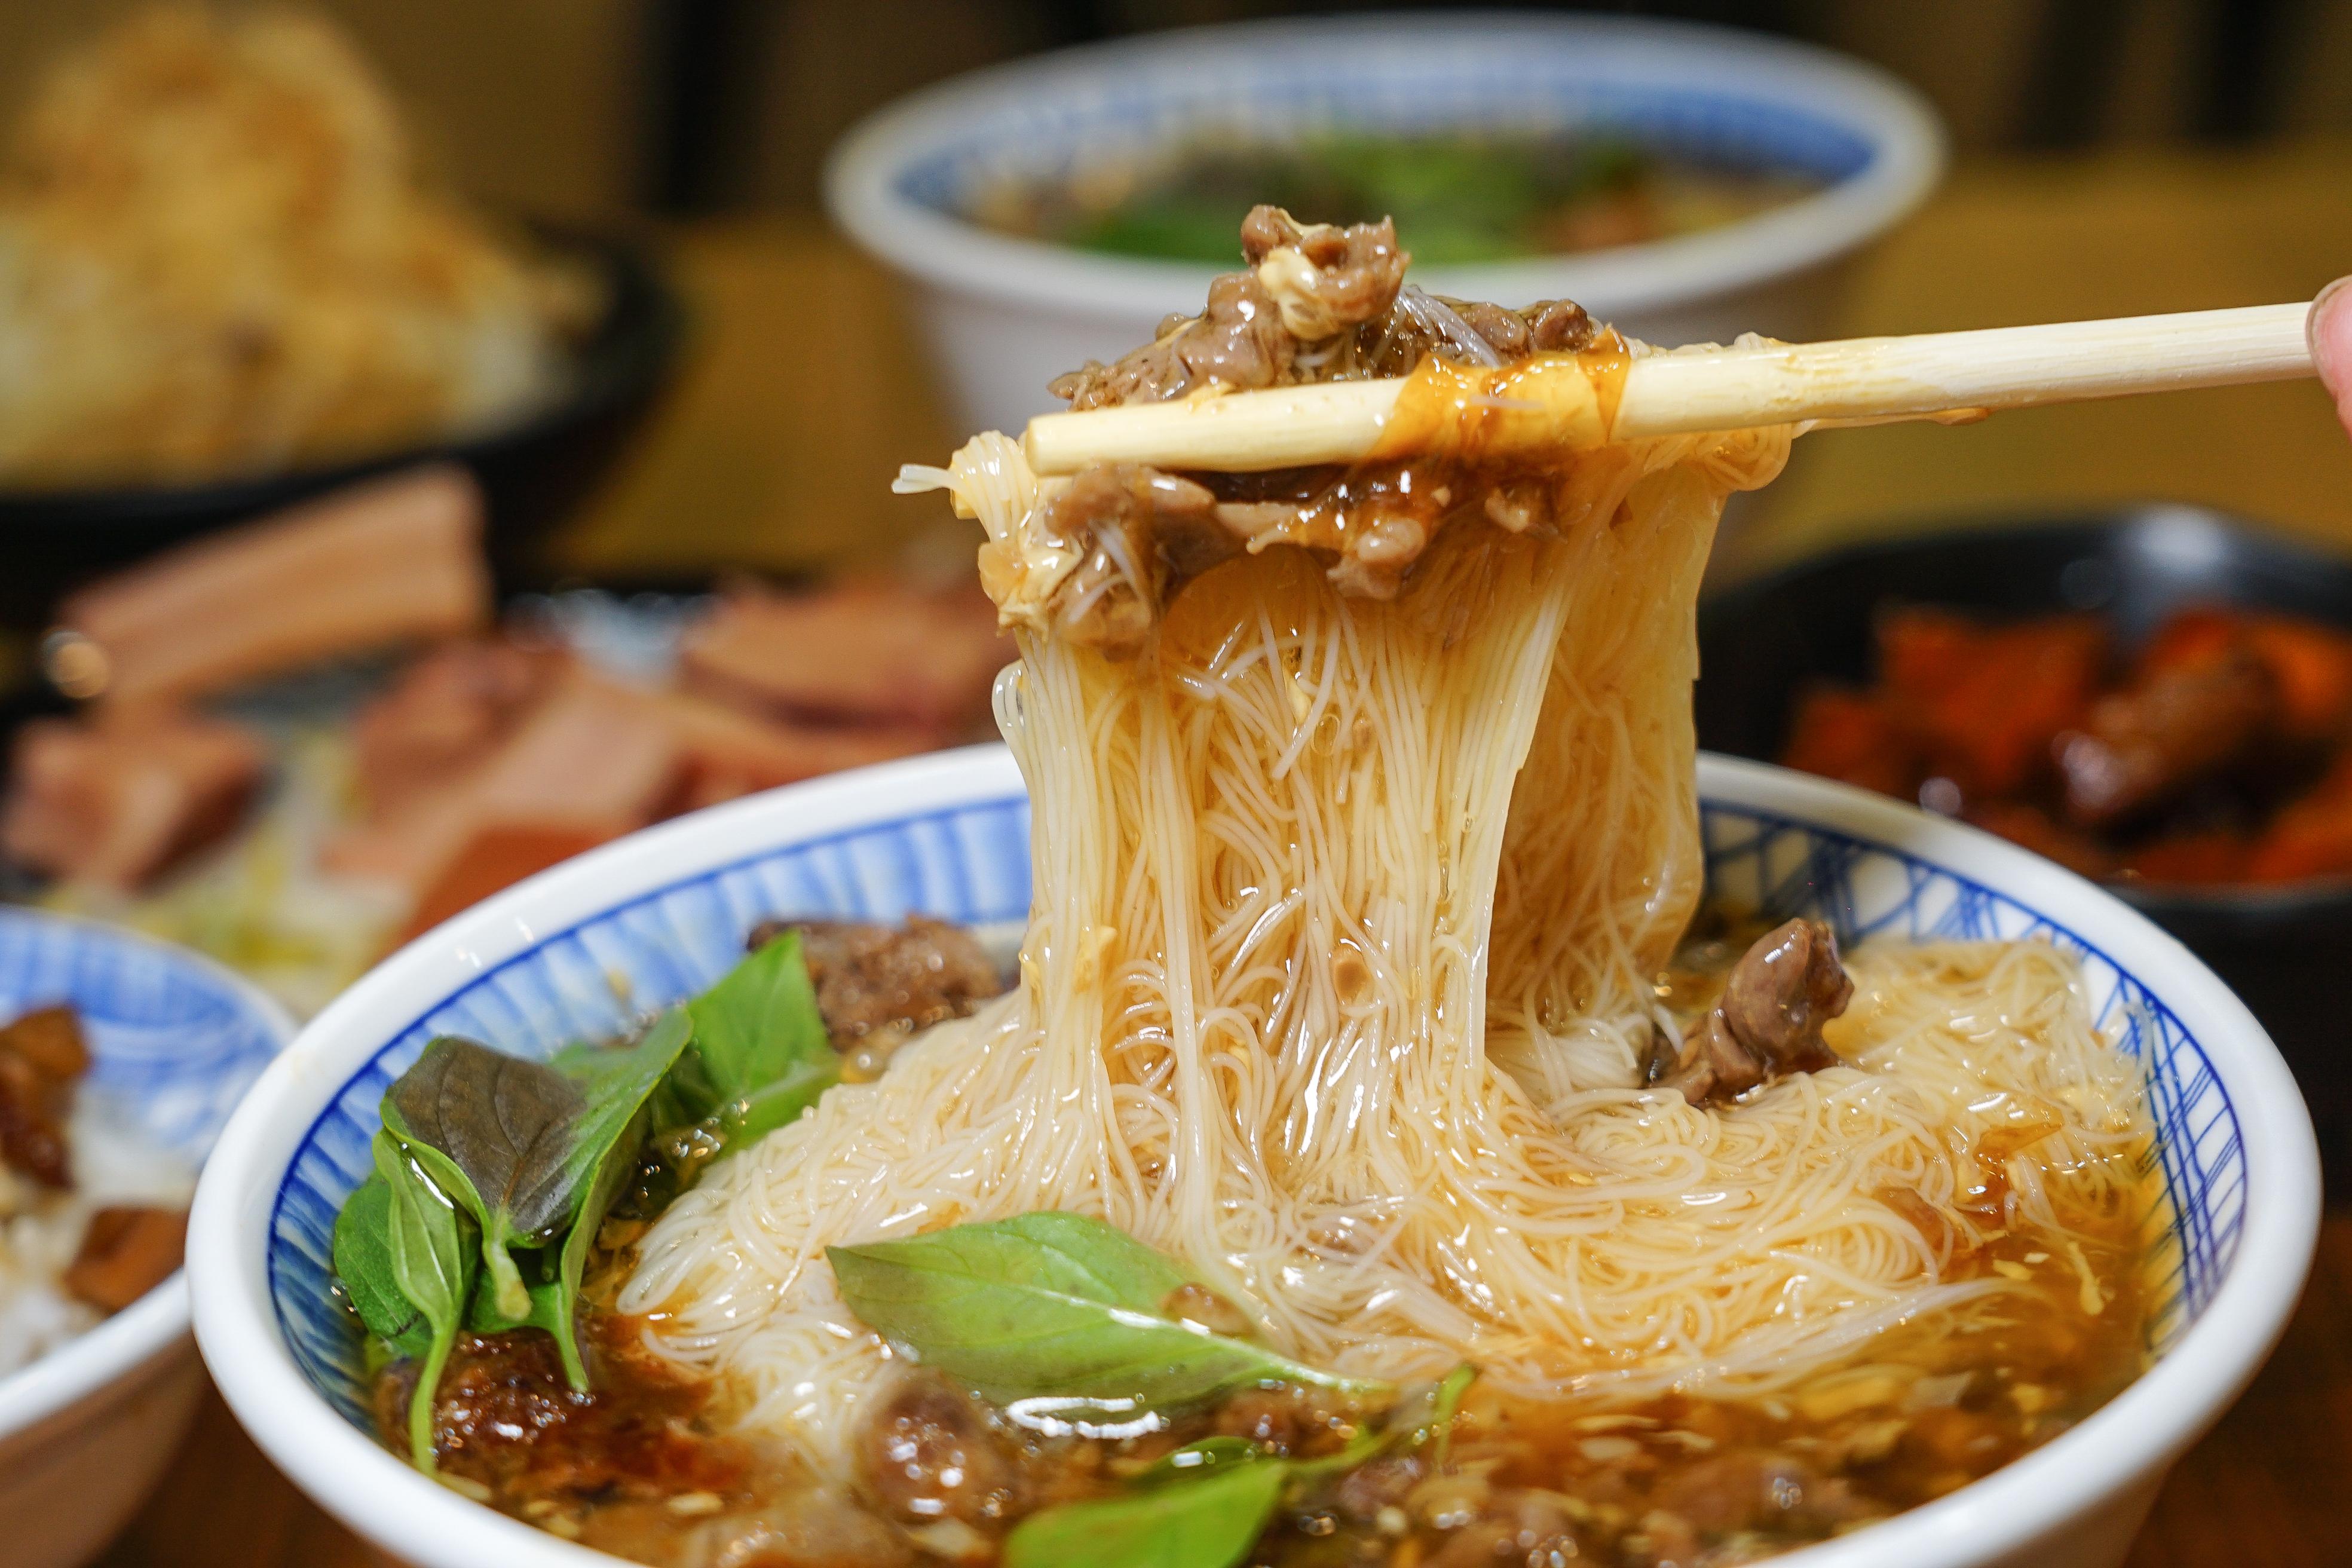 [花蓮吉安美食]賴一張魷魚羹- 超厚魷魚配上赤肉羹滷肉飯 品嘗古早味  花蓮下午沒休息餐廳 提供冷氣